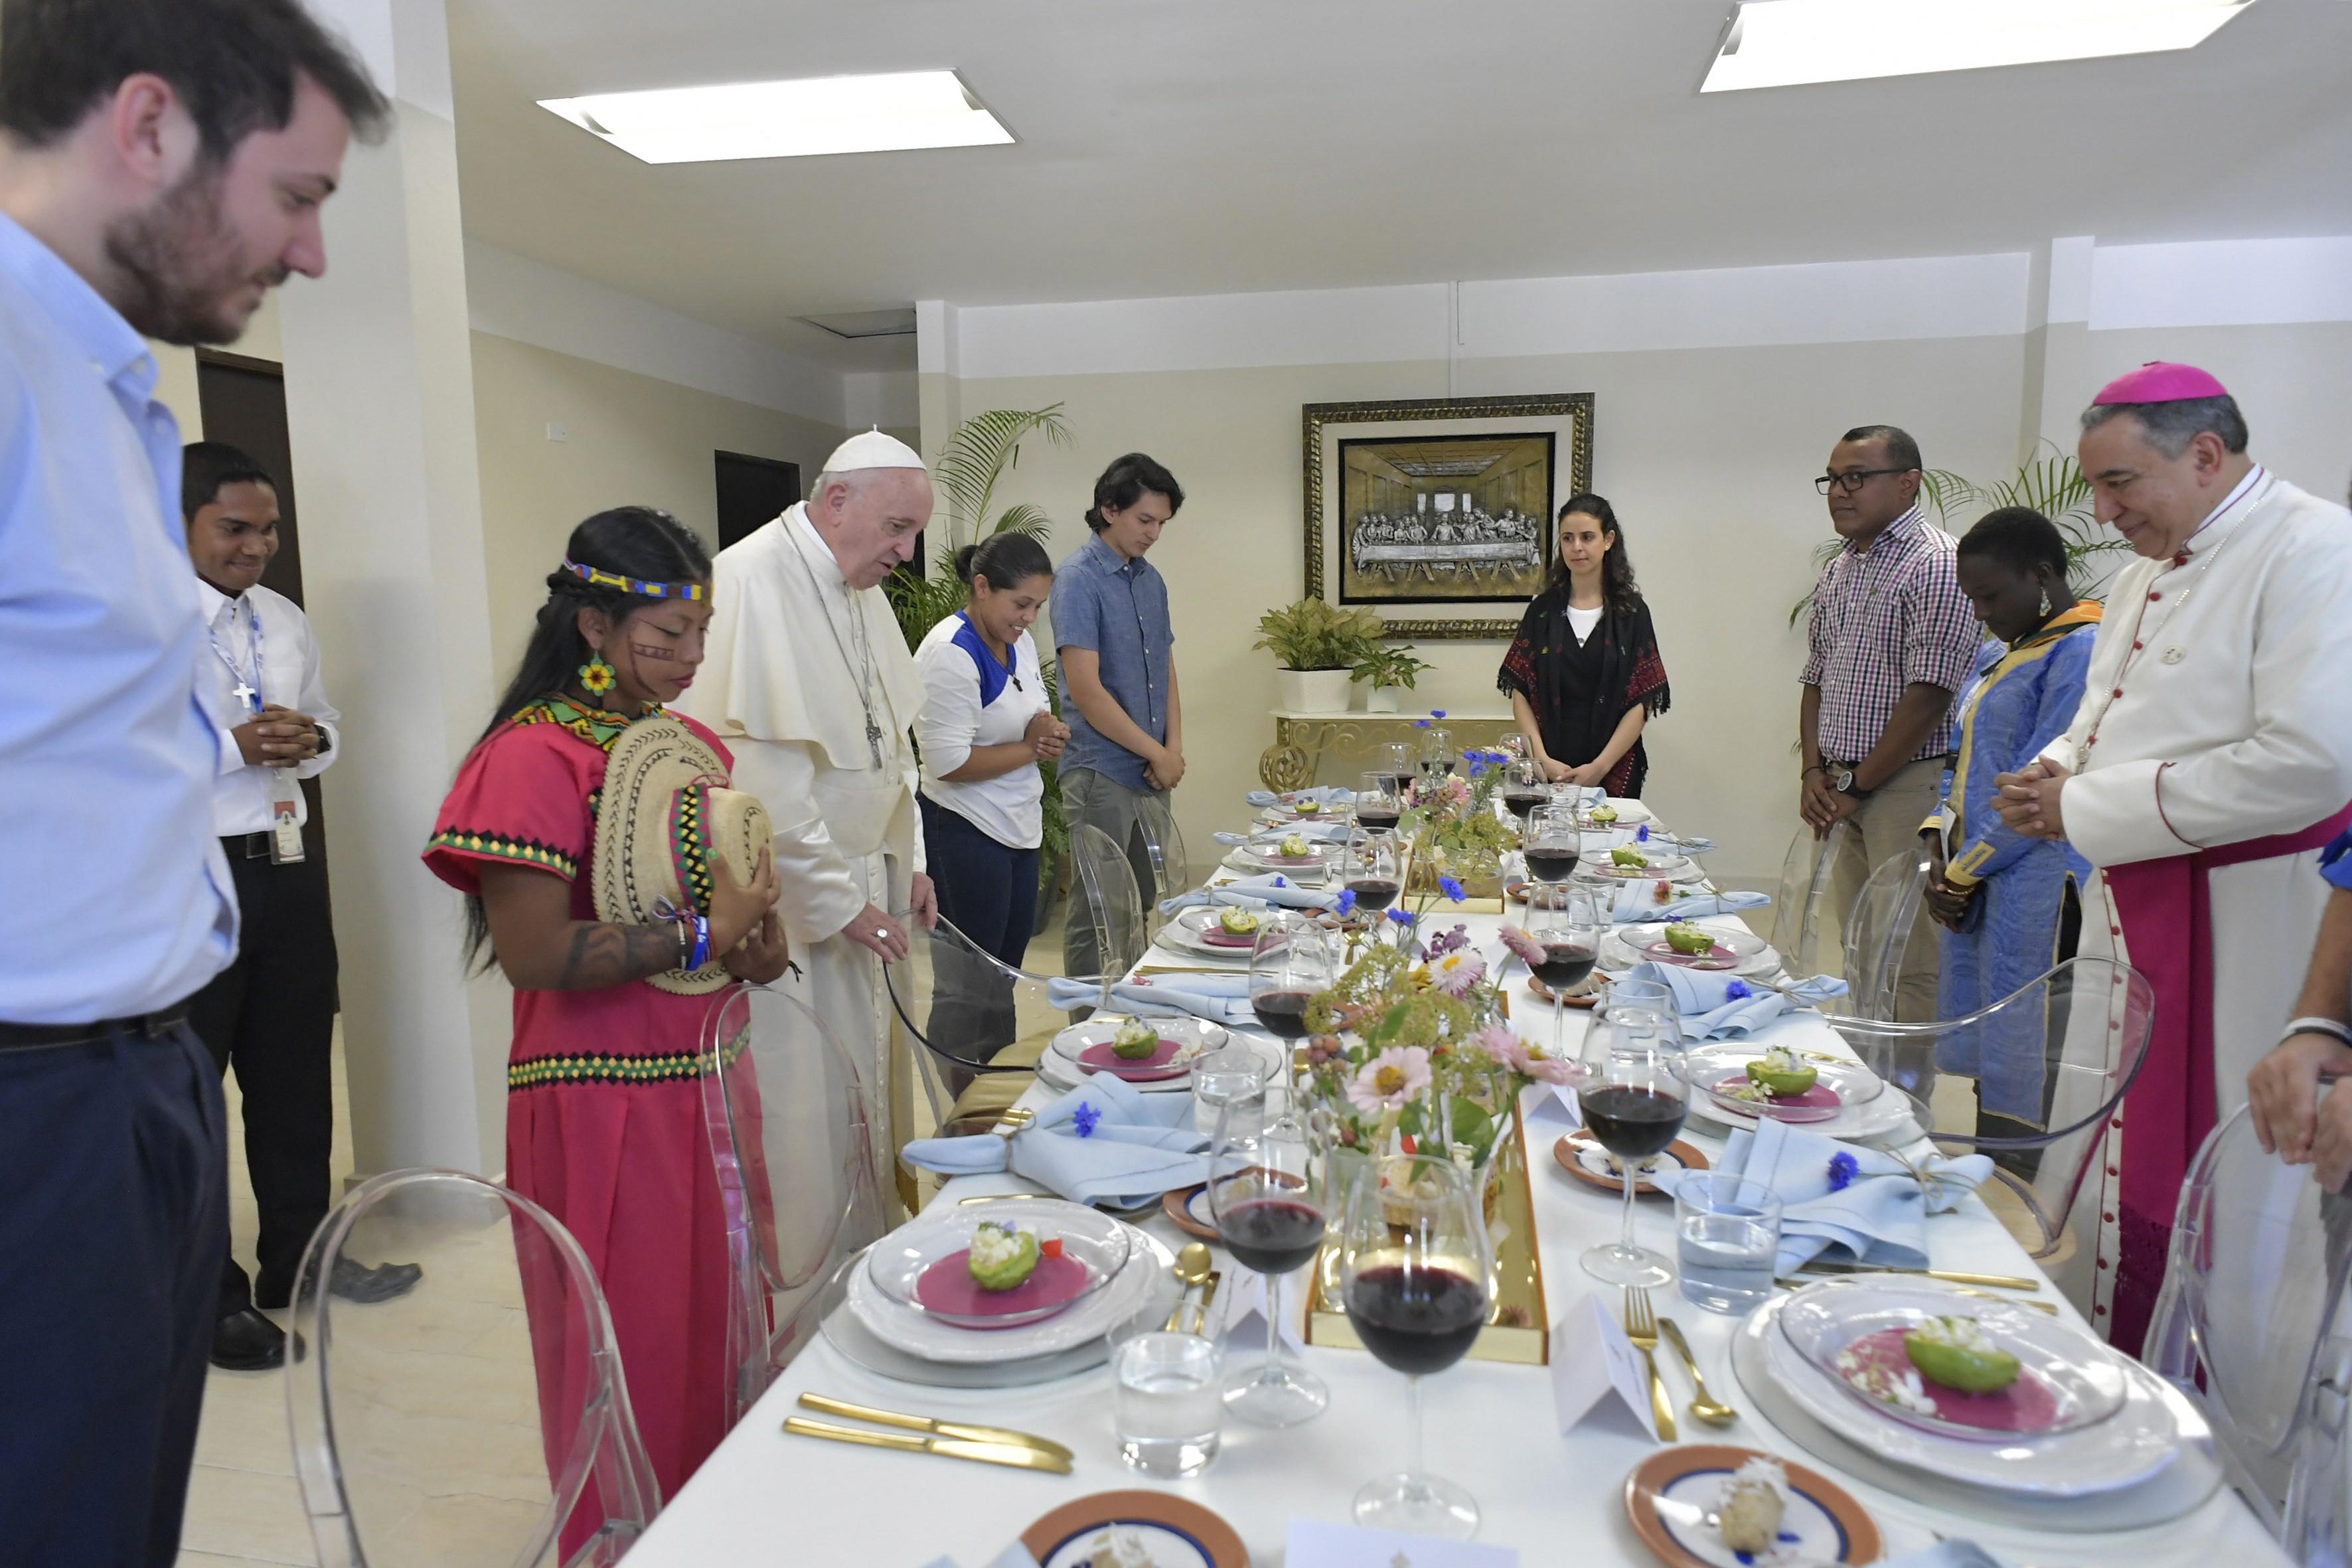 Panama, déjeuner avec des jeunes du monde © Vatican Media